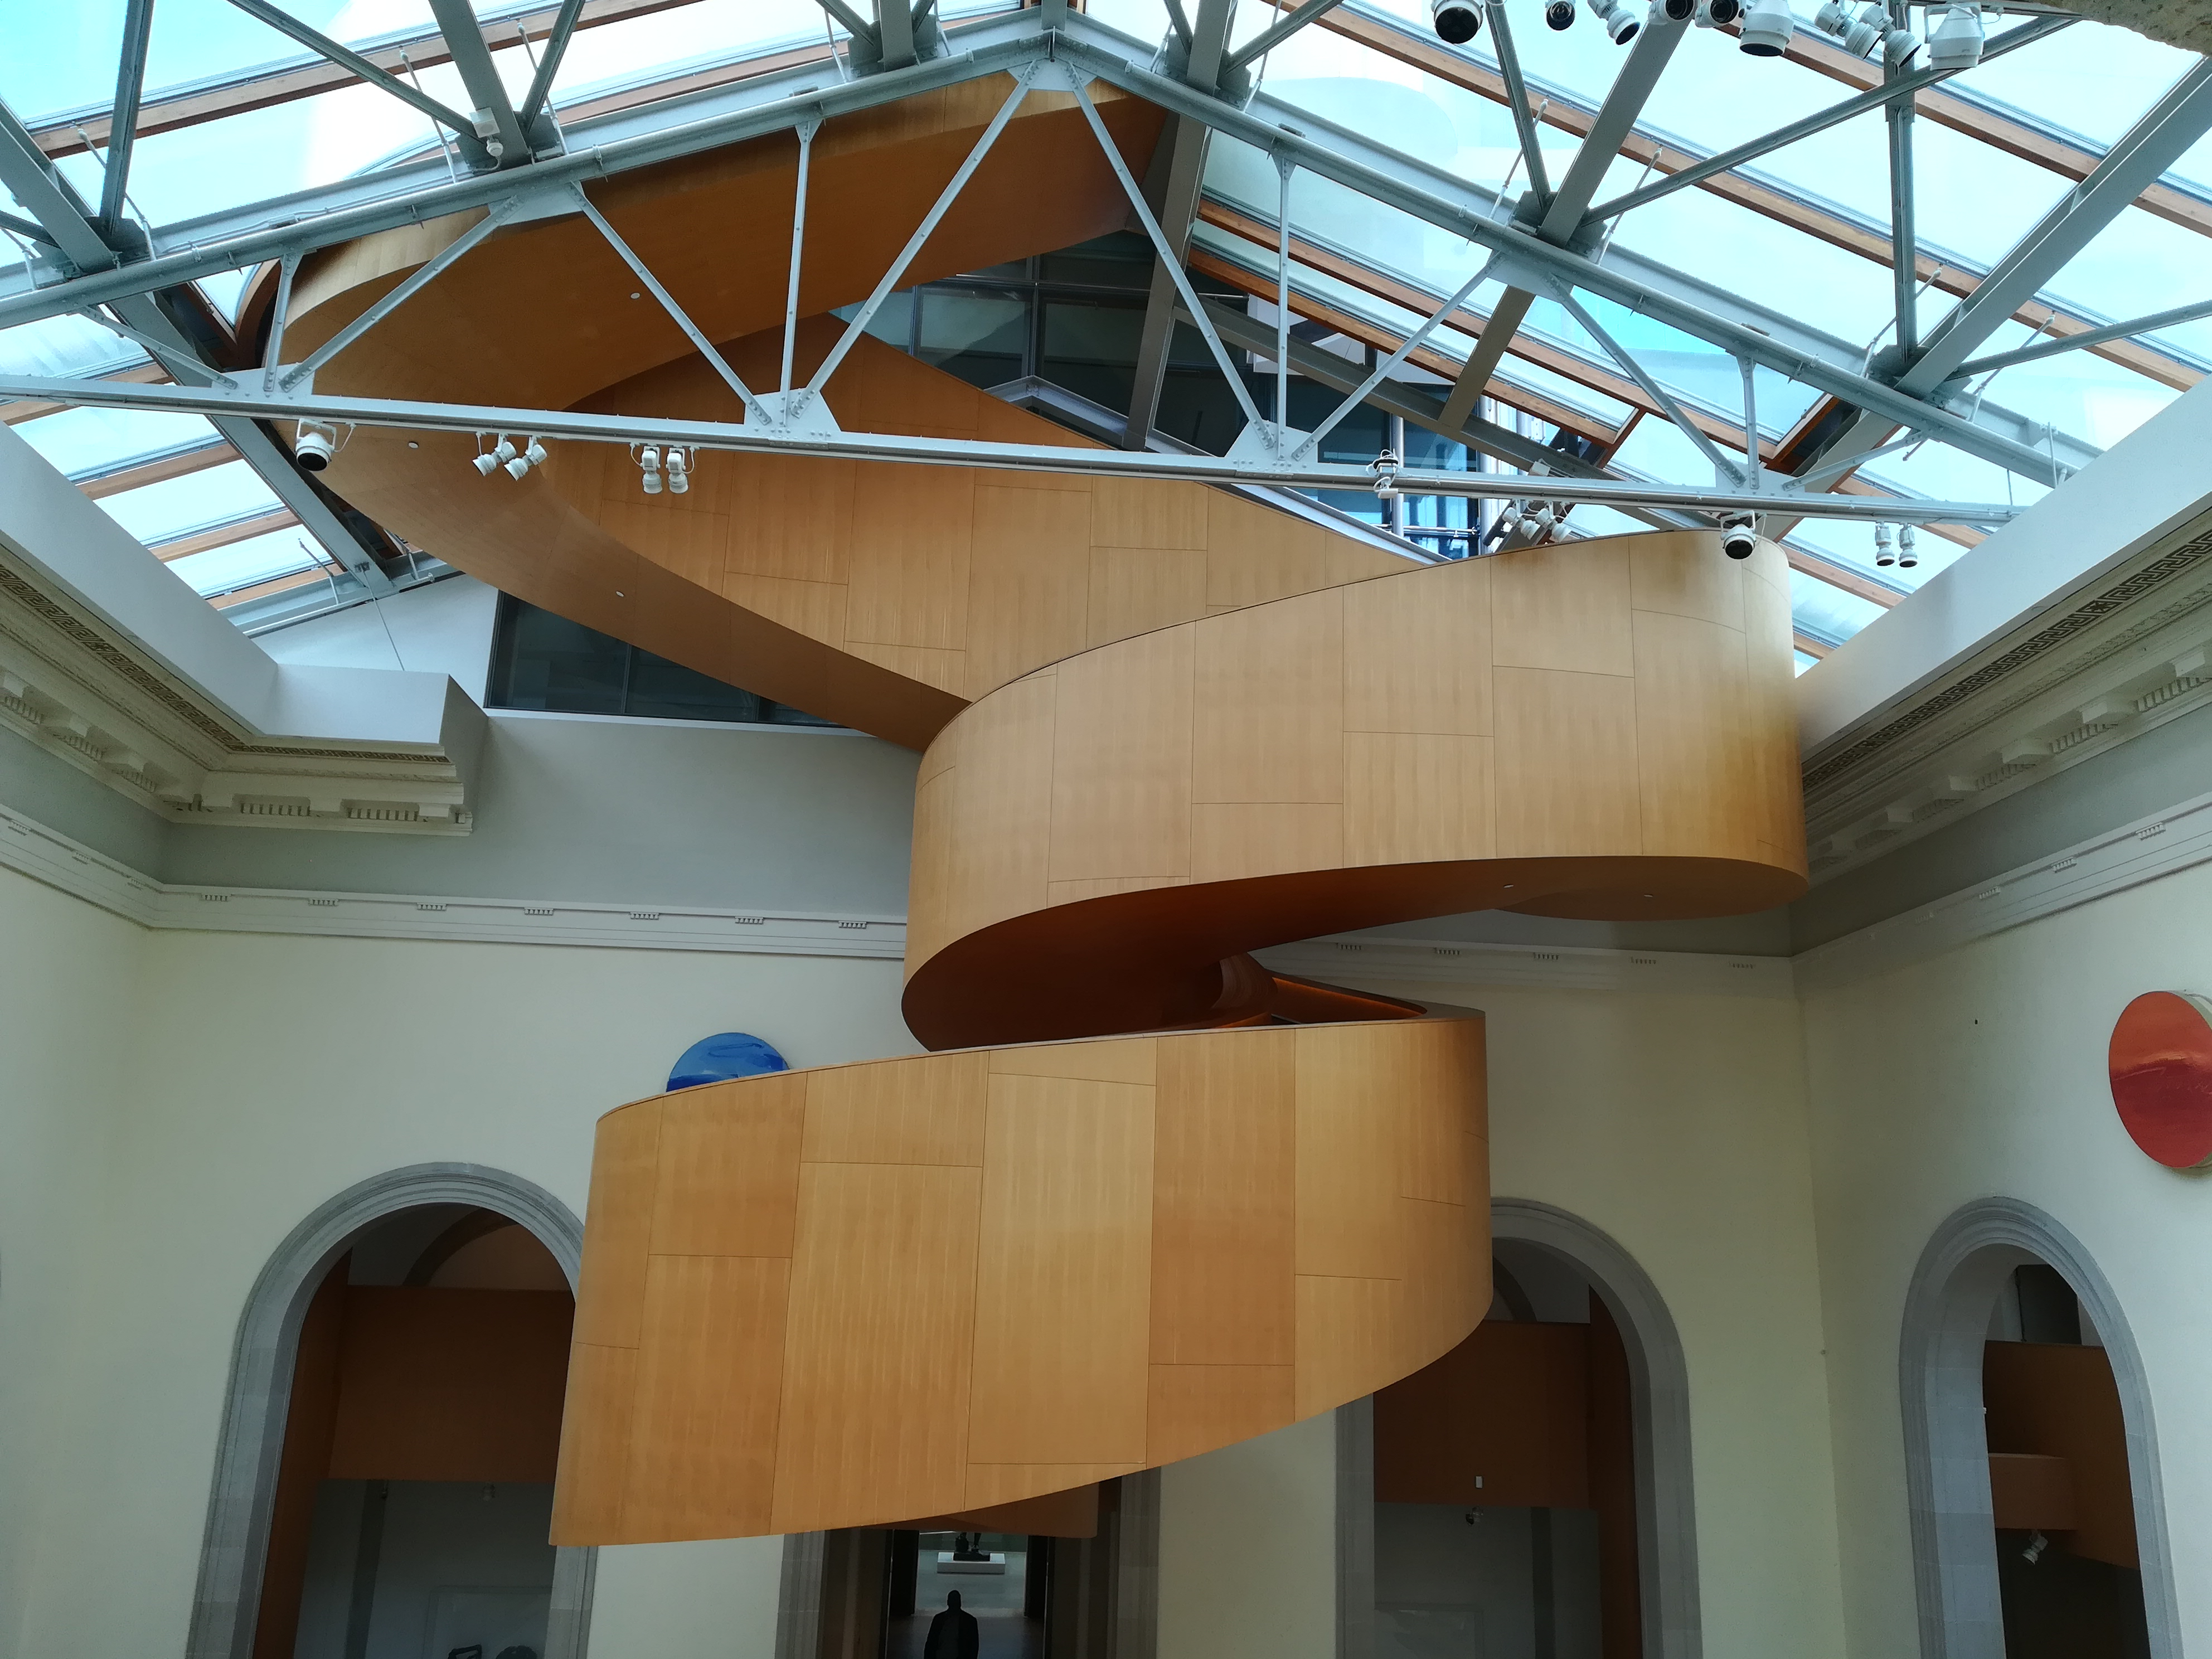 Wendeltreppe aus Holz in der Art Gallery of Ontario.